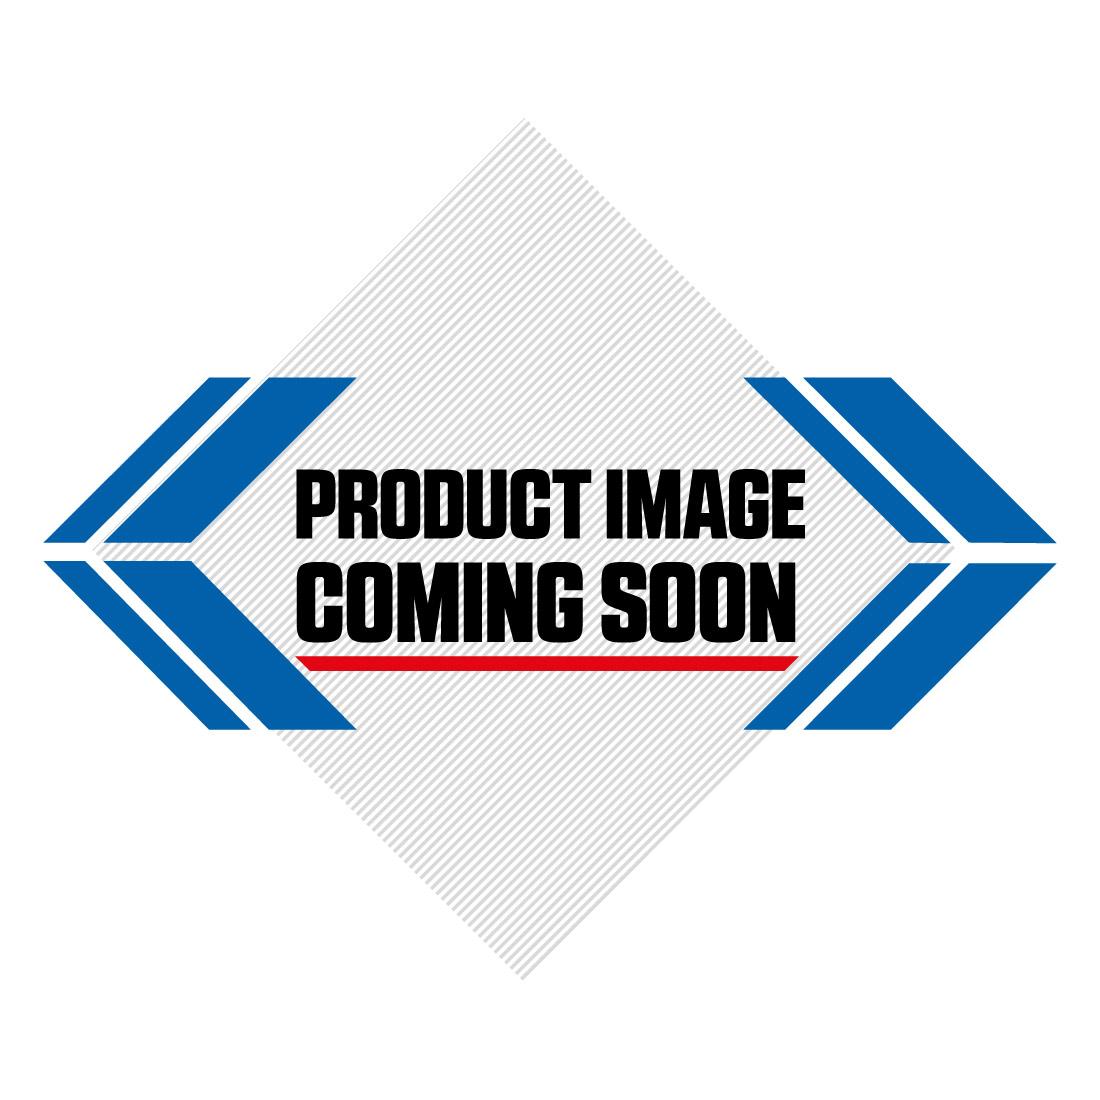 Kawasaki Plastic Kit KX 125 250 (99-02) OEM Factory Image-5